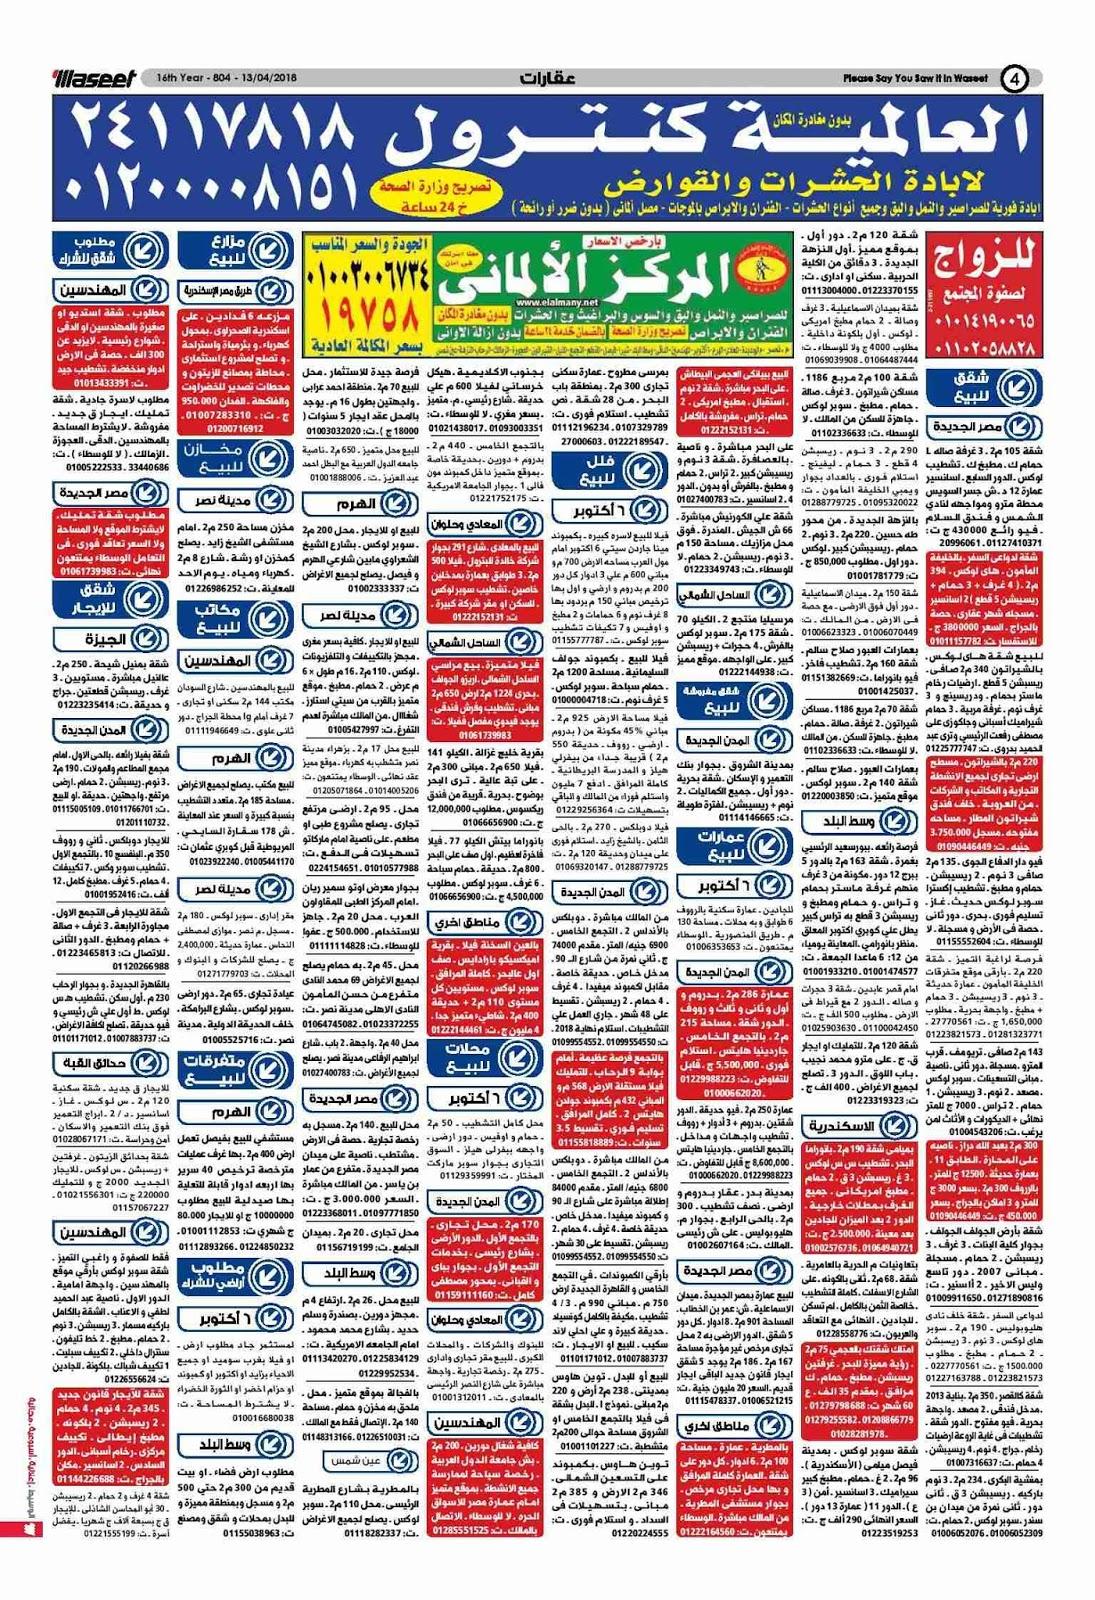 وظائف الوسيط مصر الجمعة